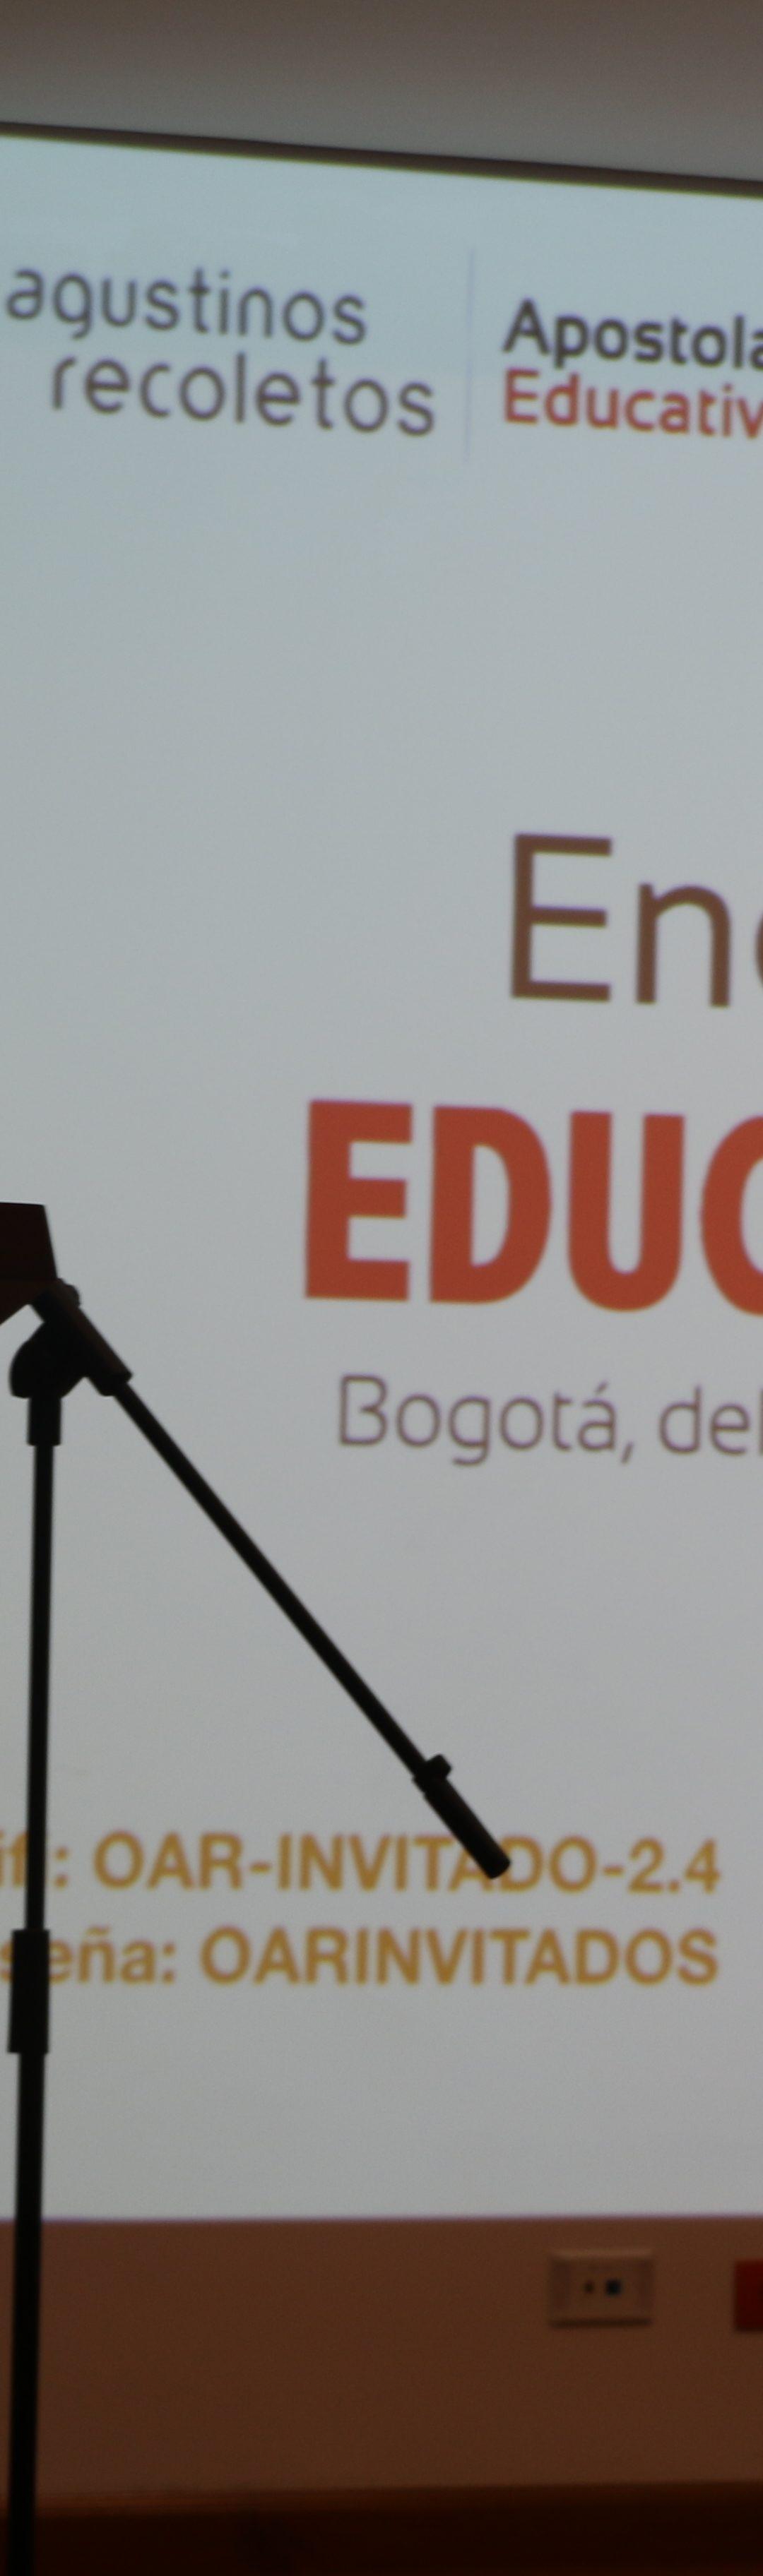 Educar-IV-Encuentro-Bogota-17-4